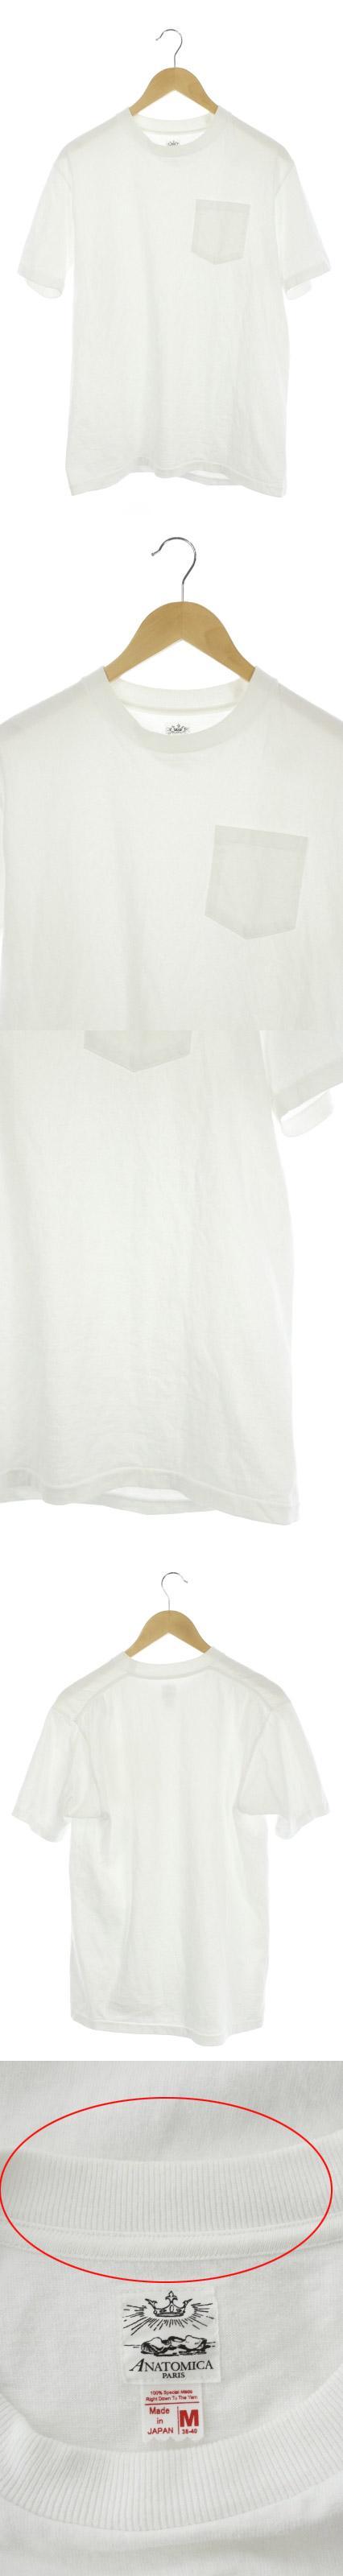 Tシャツ カットソー 半袖 ポケット 白 M /AO